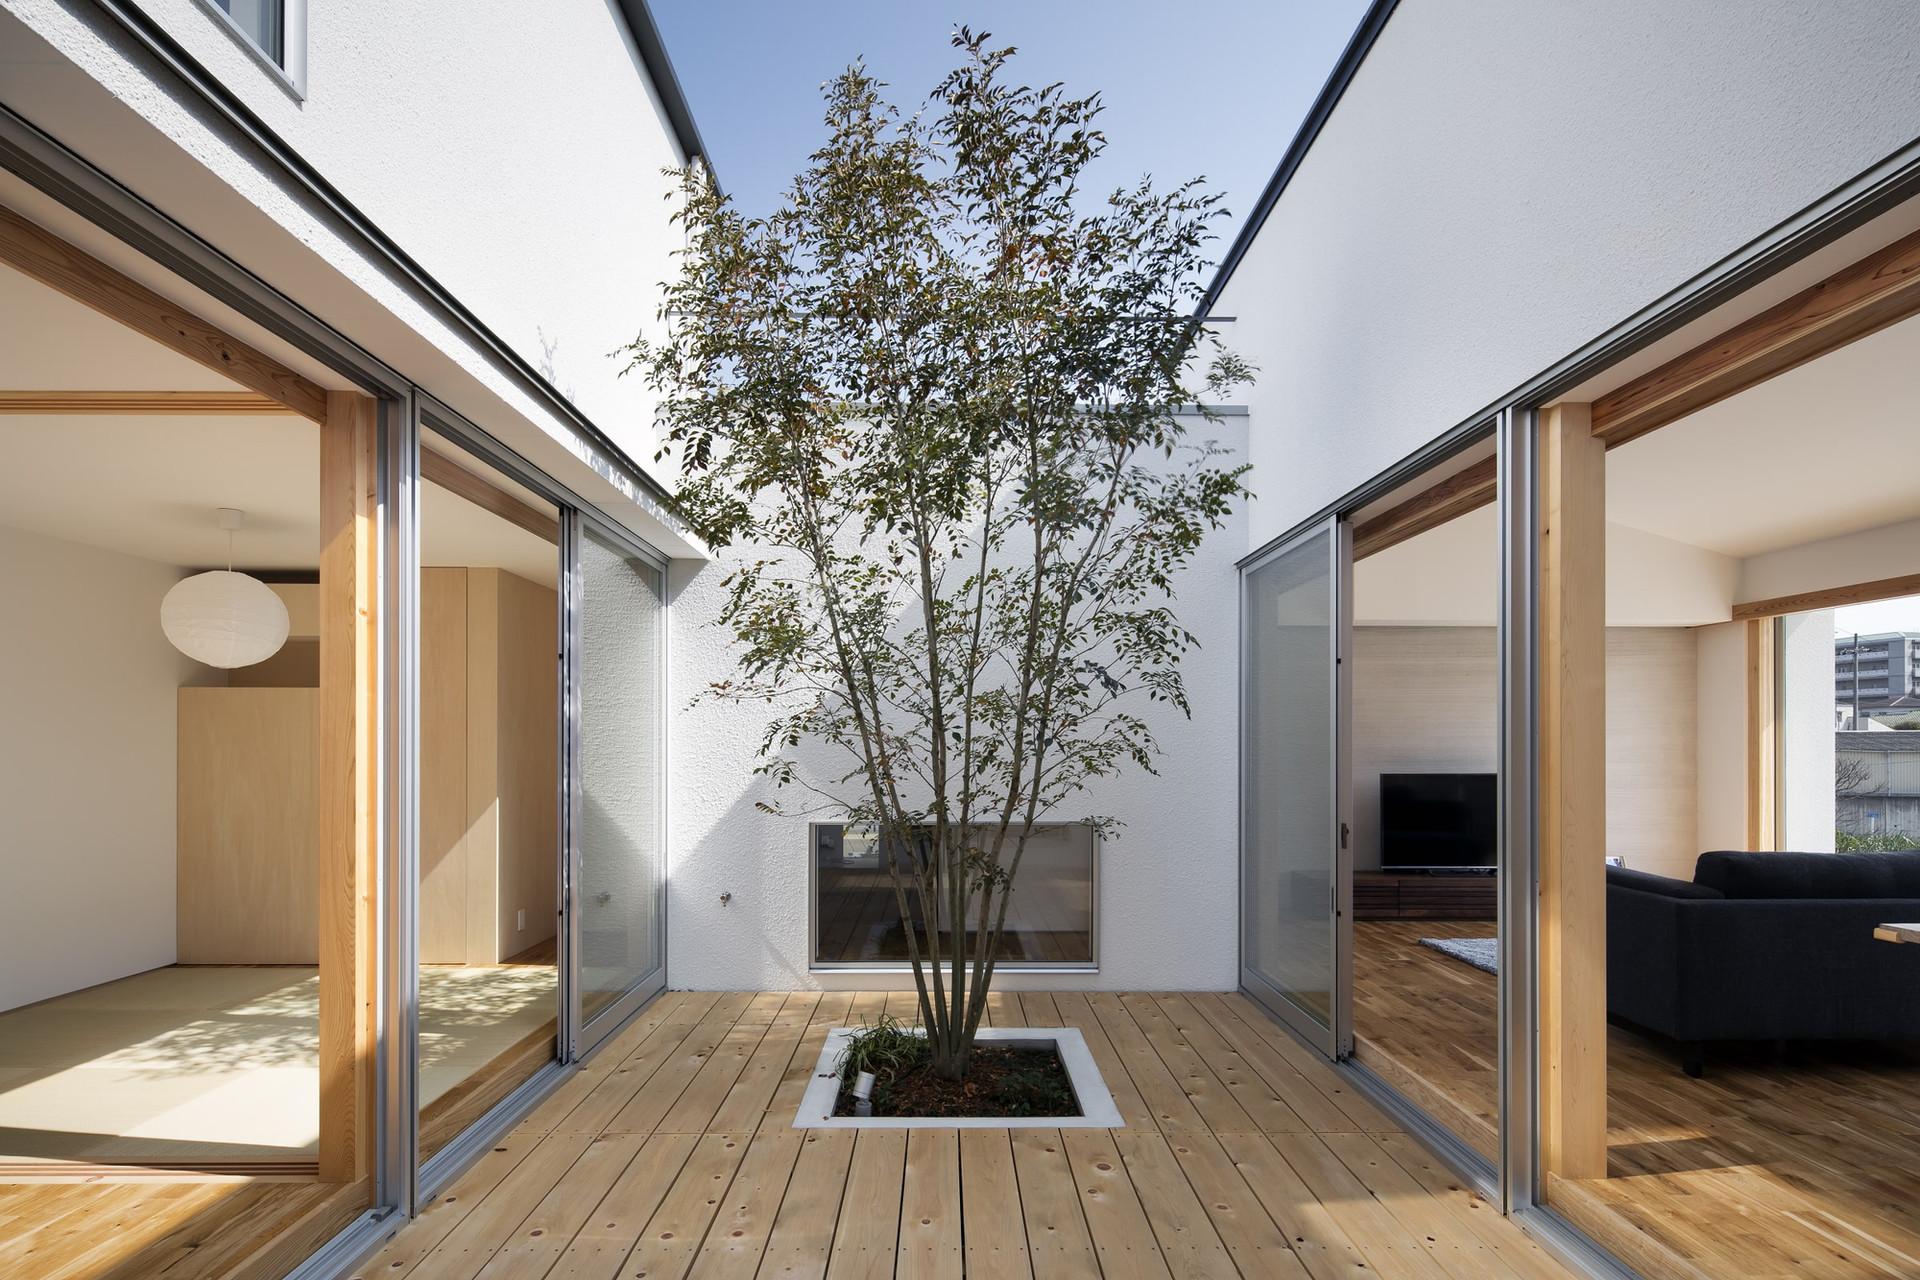 sakai-custom-built-house_2400_07.jpg